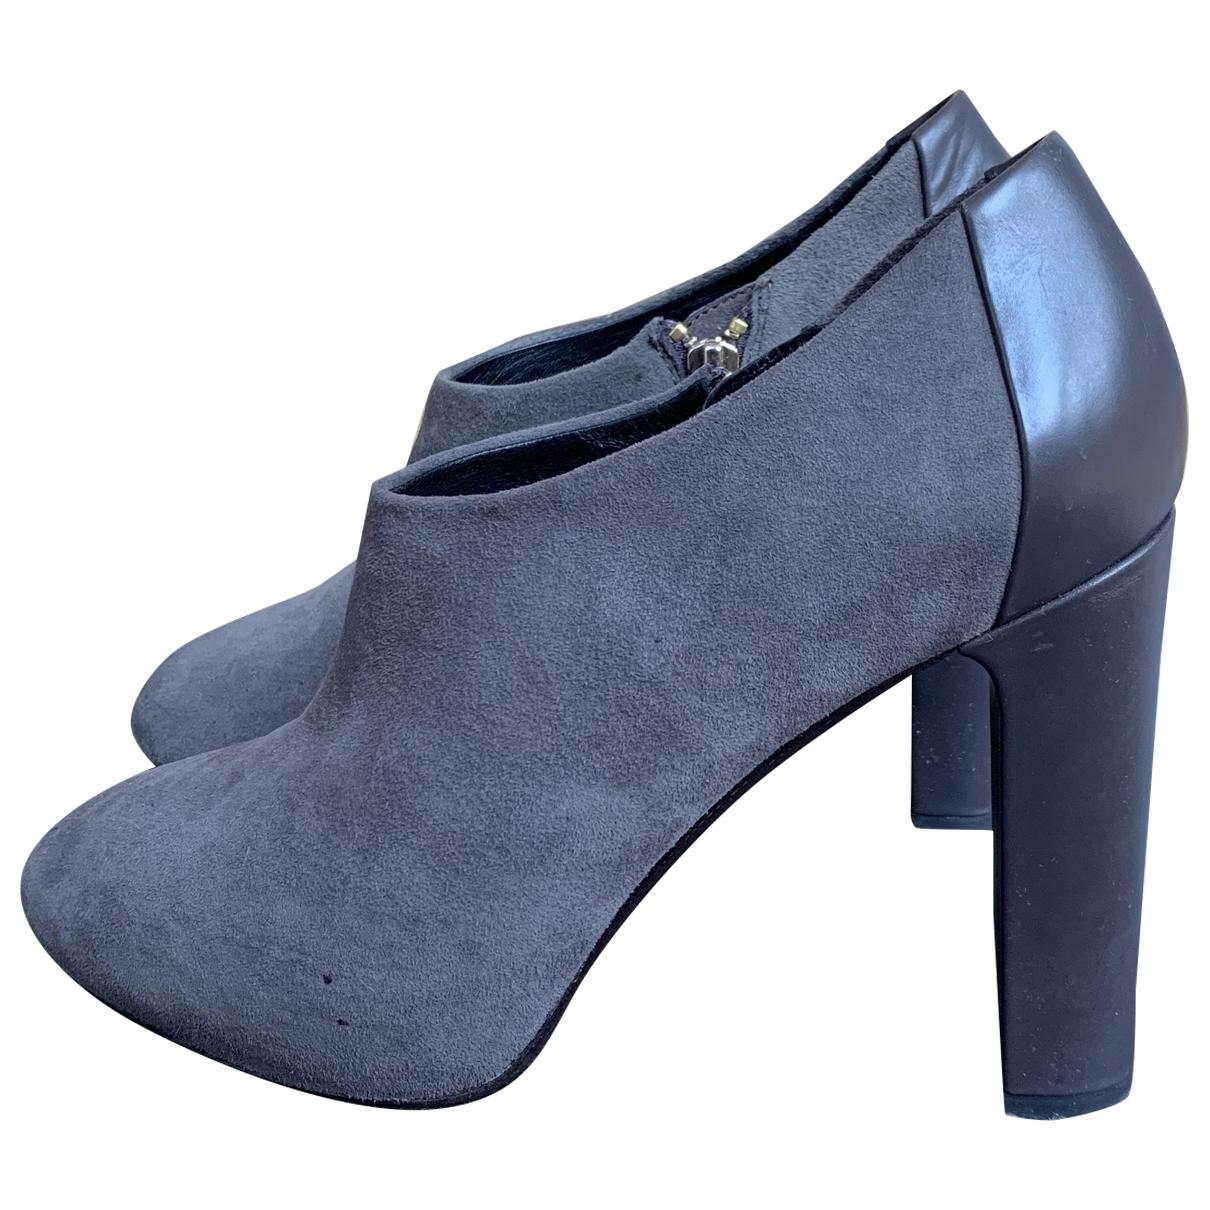 Furla - Boots   pour femme en cuir - gris